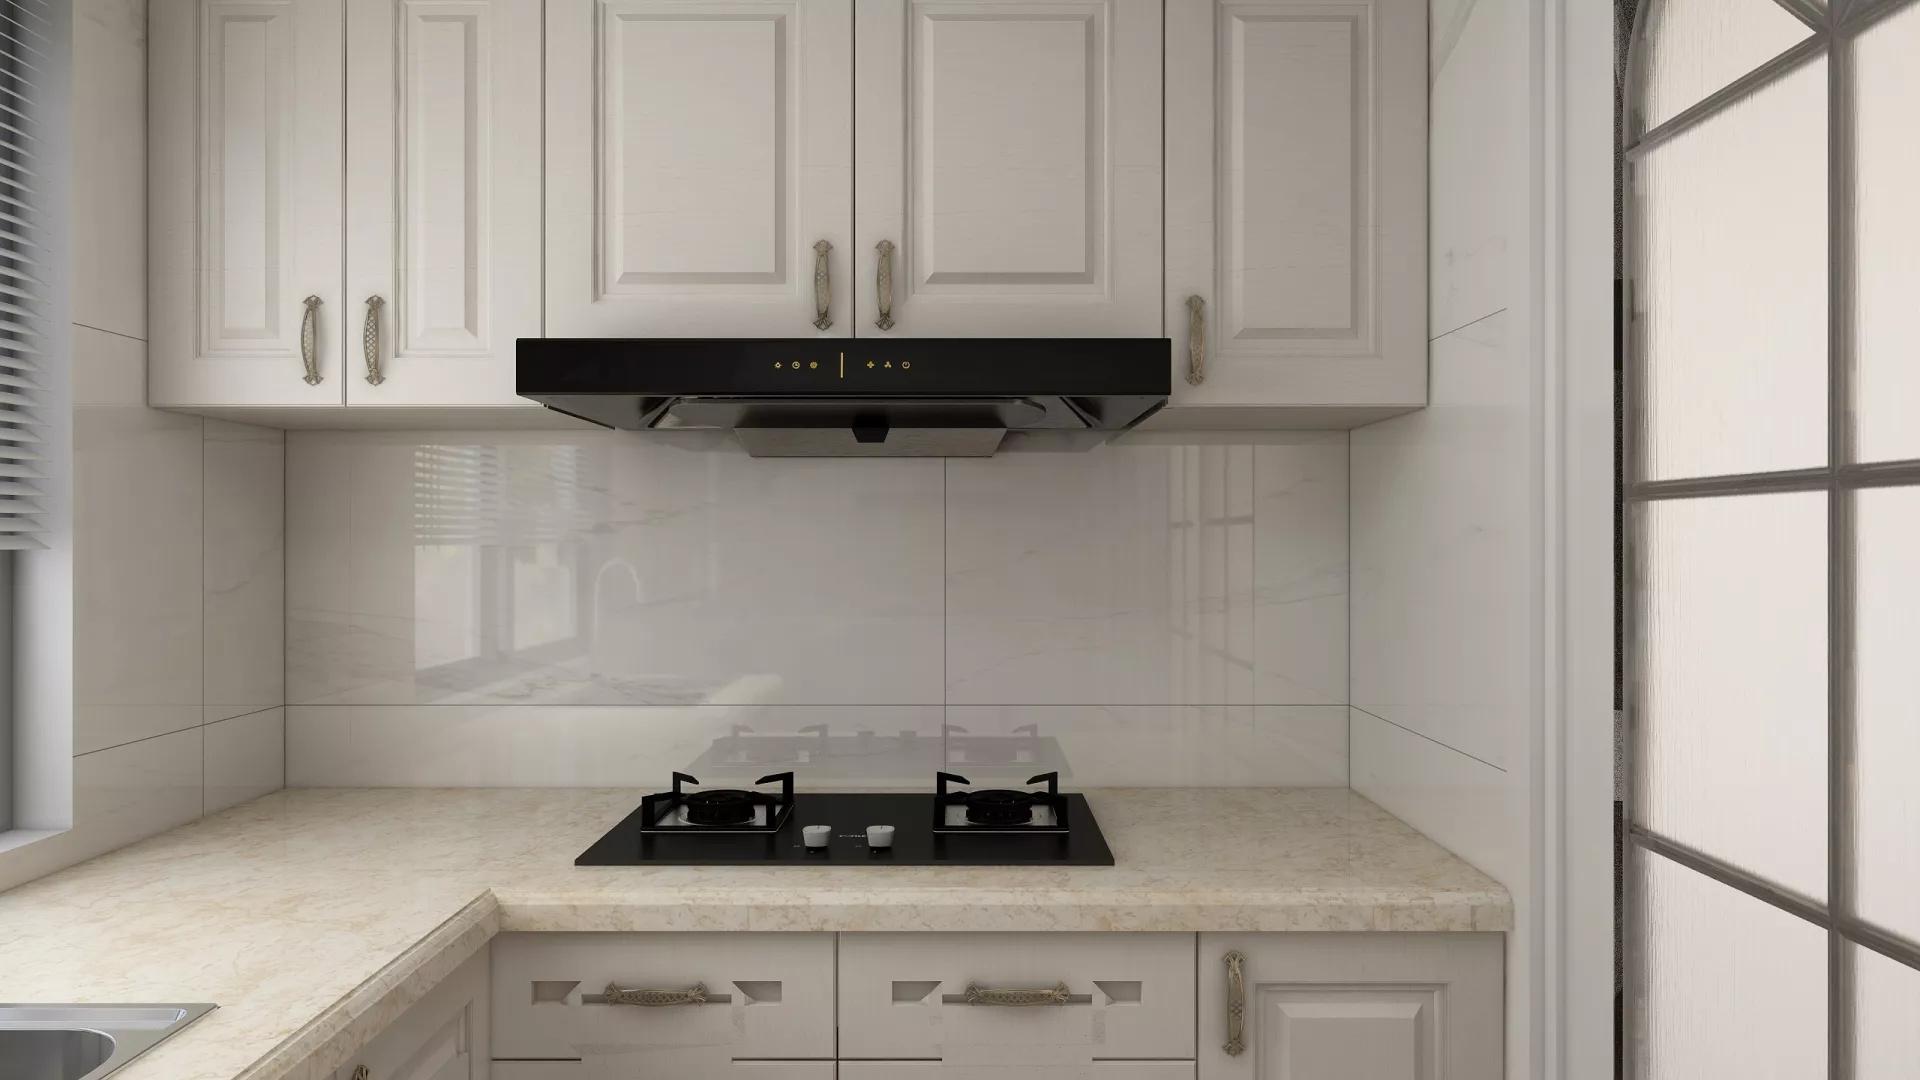 家居装修常见隔断有哪些类型?